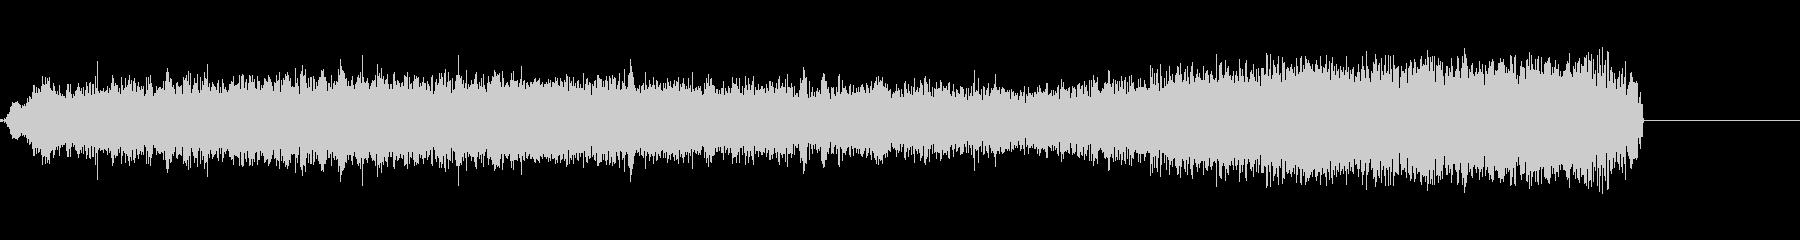 FMラジオ的ジングル11の未再生の波形